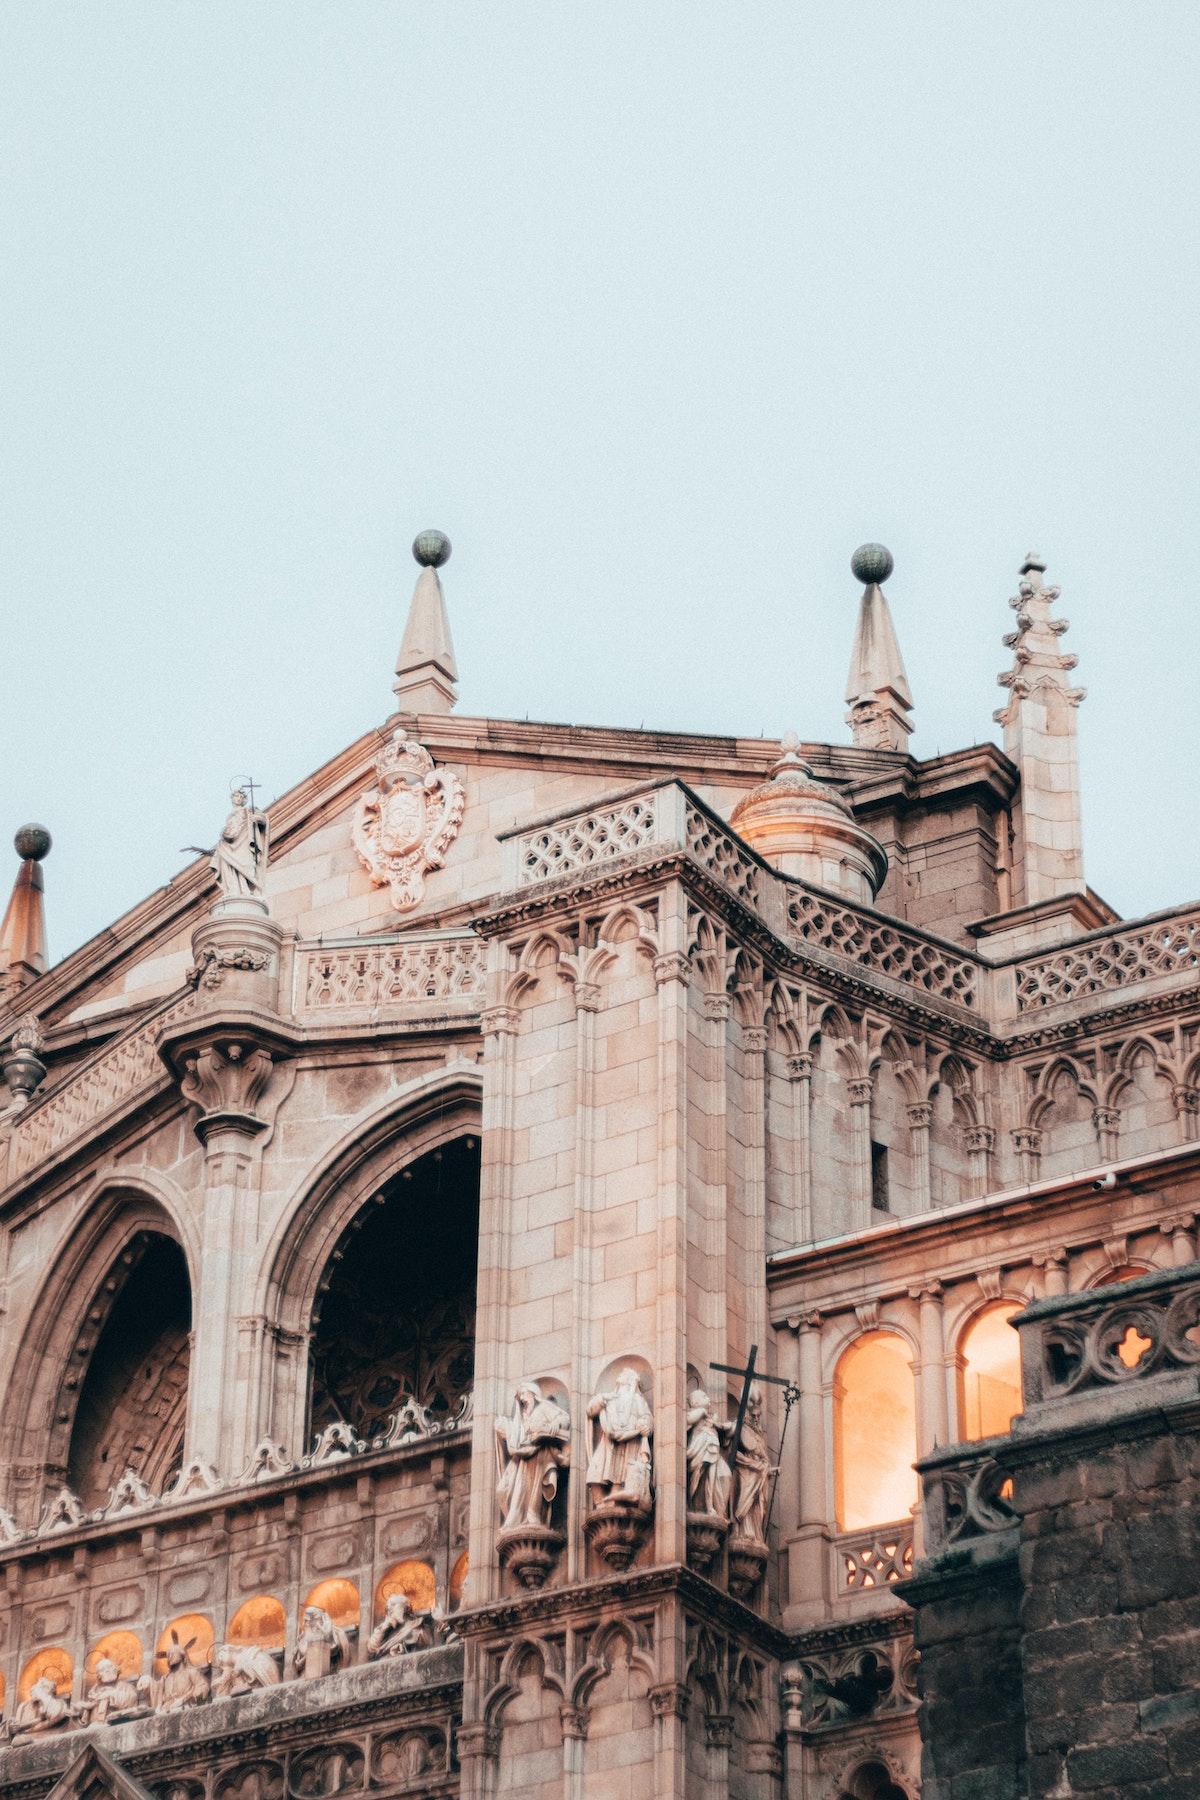 Vista cercana de los detalles arquitectónicos de una gran iglesia de piedra.